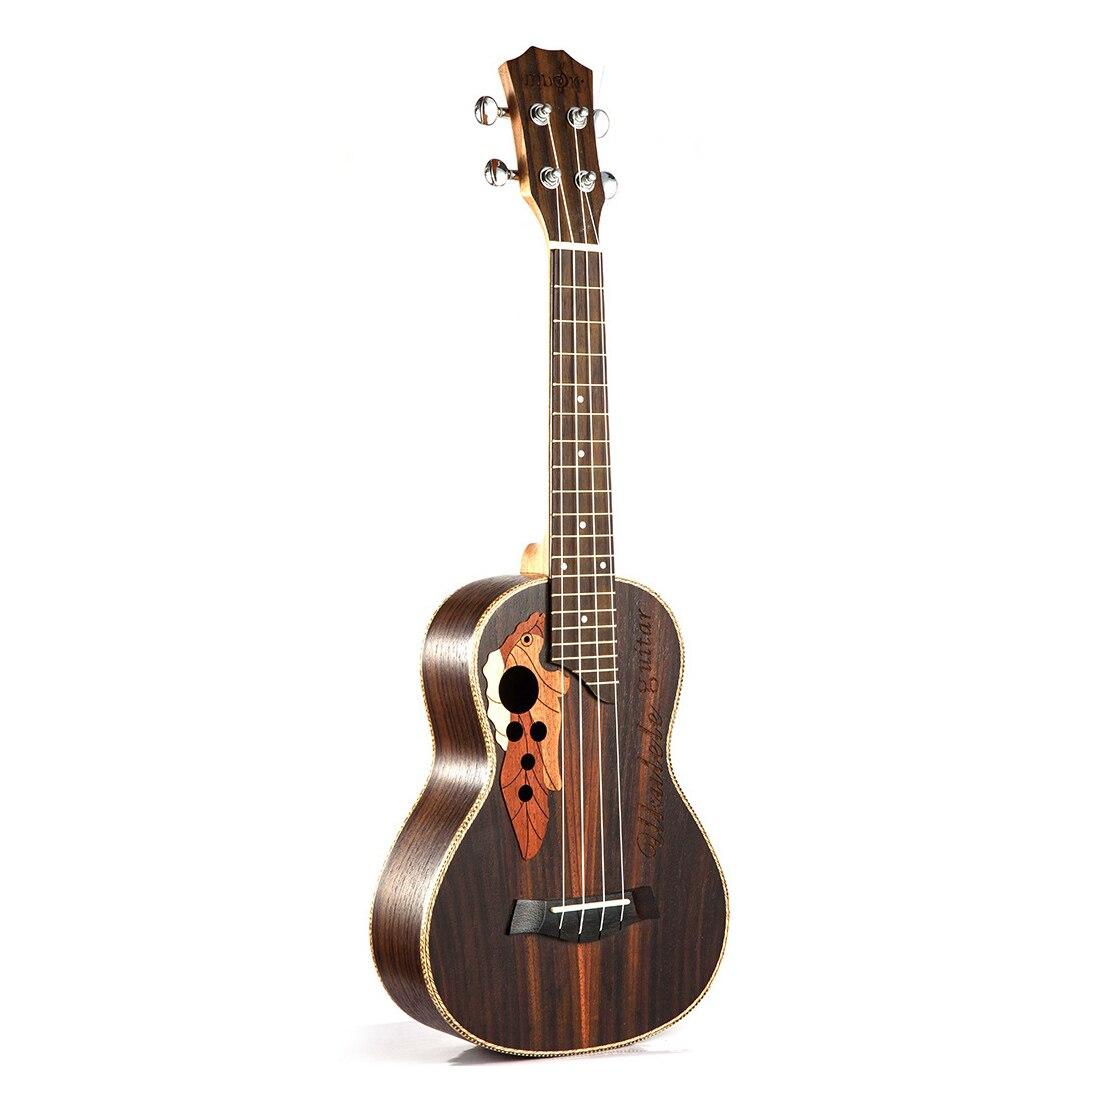 Sews-soprano Concert ukulélé 23 pouces palissandre uku Ukelele avec 4 cordes mini Hawaii guitare Instruments de musique